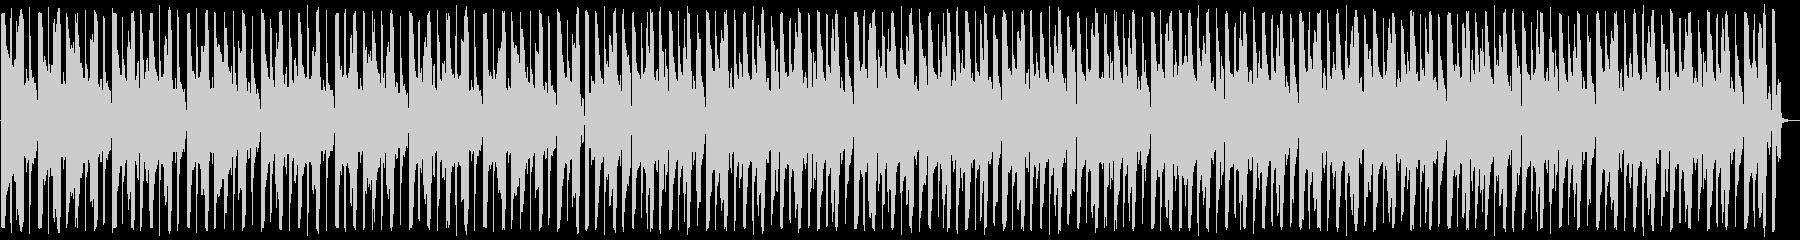 ゆったりとしたテクノ_No603_3の未再生の波形